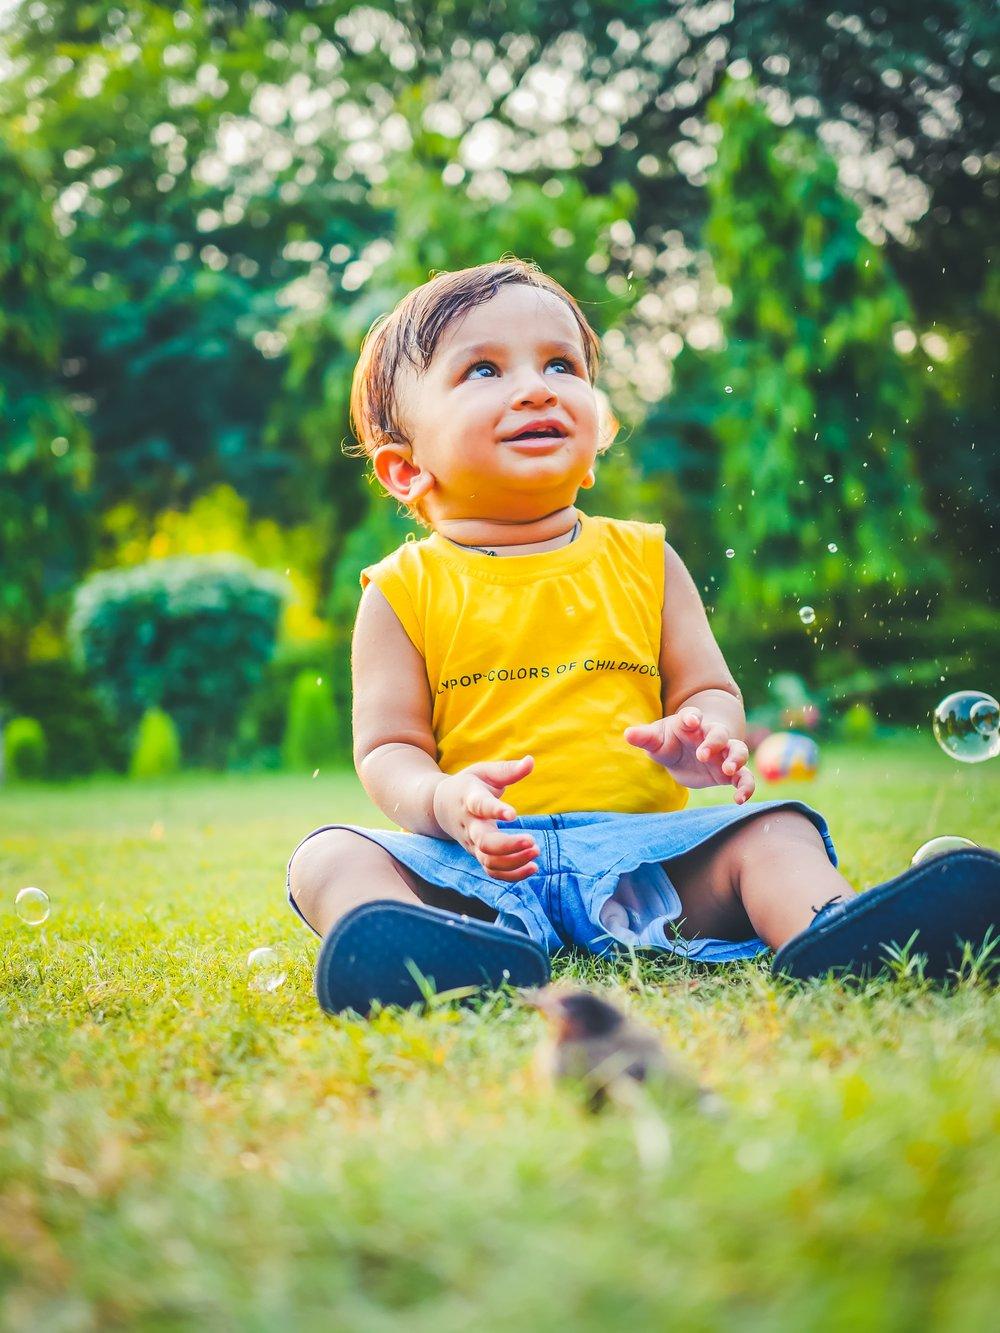 laraxu.com-1070054-min.jpg